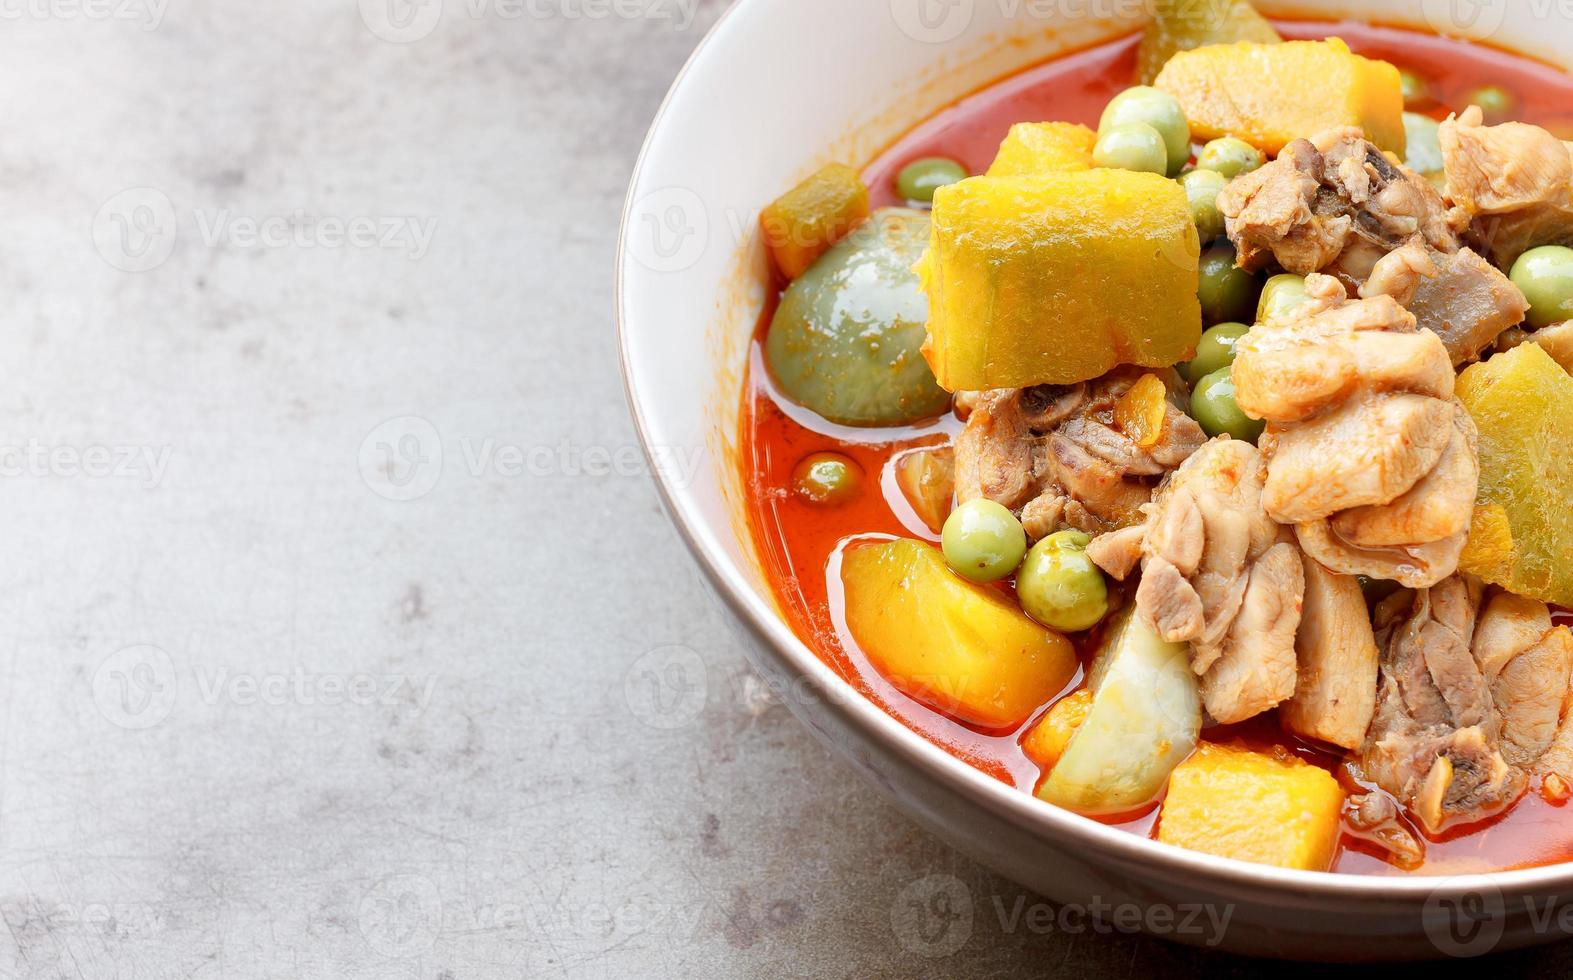 comida tailandesa - pollo al curry caliente con calabaza foto